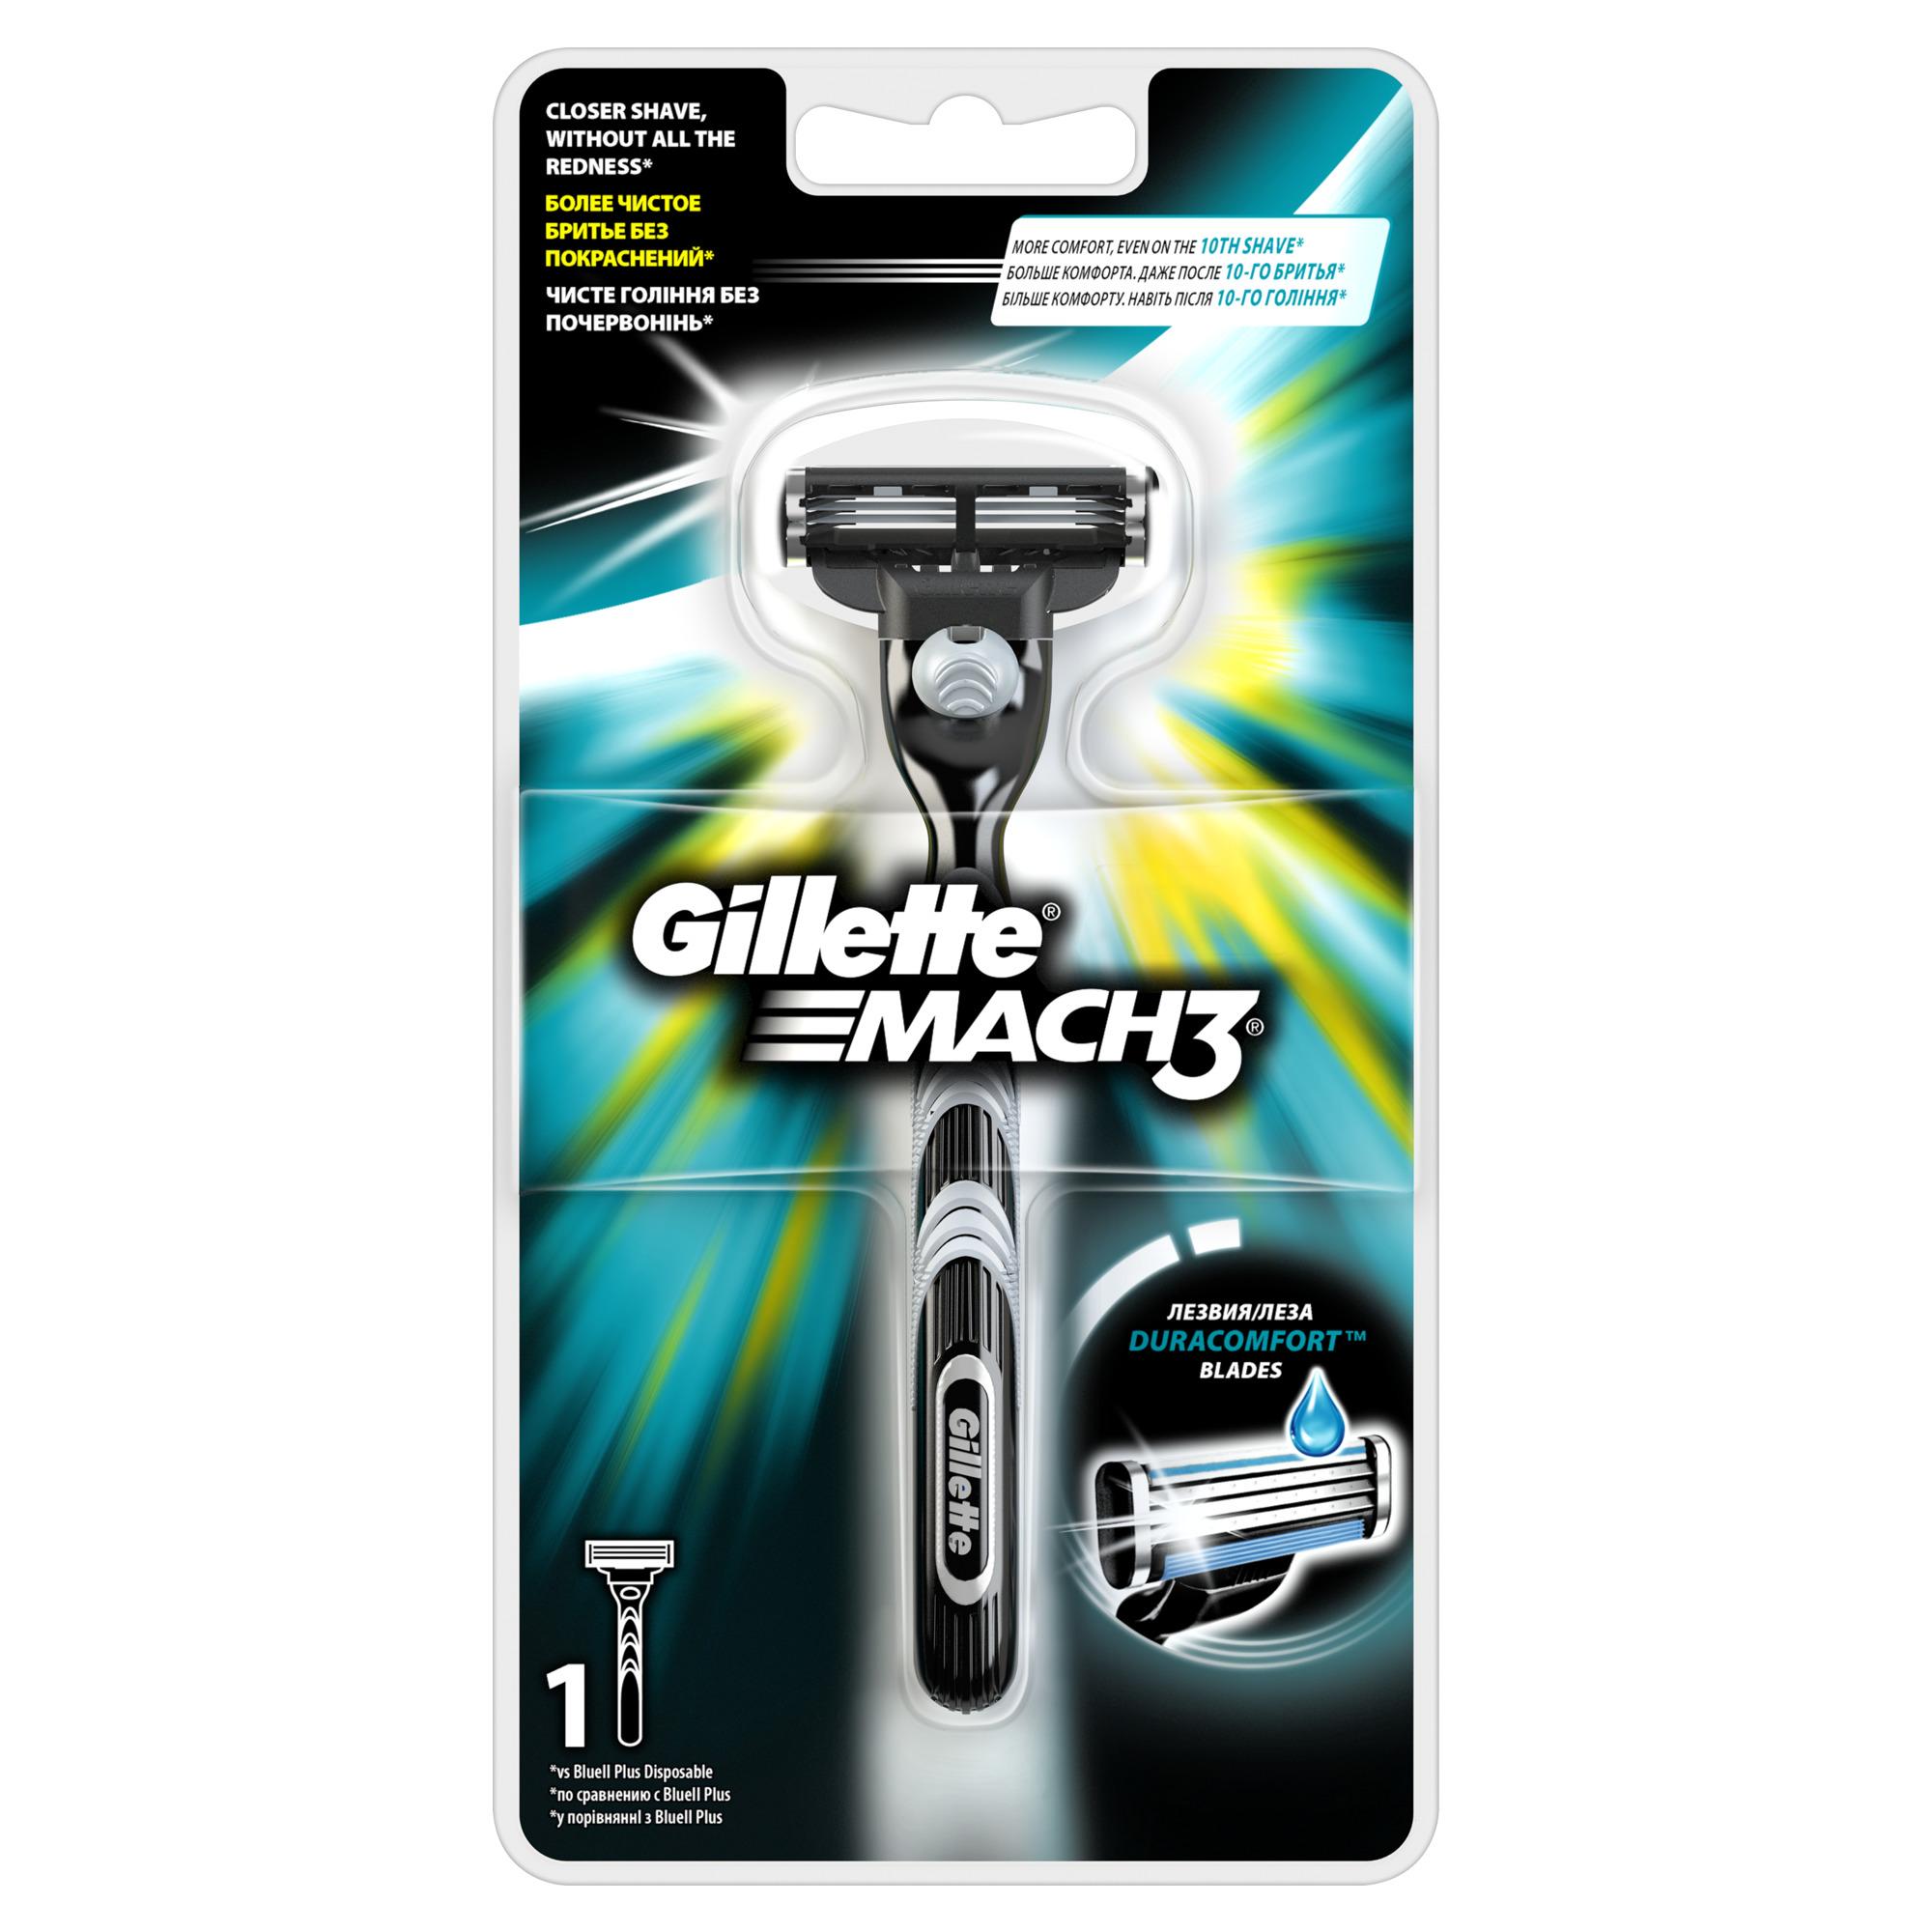 Gillette Бритва Mach3 c 1 сменной кассетой28032022Мужская бритва Gillette Mach3 обеспечивает гладкое бритье без покраснения кожи, а ощущения даже при 10-м ее использовании лучше, чем при бритье новой одноразовой бритвой.* В комплект бритвы Mach3 входят 3 лезвия DuraComfort для долговременного комфорта. Гелевая полоска скользит по коже, защищая ее от покраснения, а усовершенствованный микрогребень Skin Guard помогает натянуть кожу и подготовить волоски к срезанию. К этой бритве Mach3 подходят любые сменные кассеты от бритв Mach3. *По сравнению с Gillette BlueIIПреимущества продукта:Даже 10-ое бритье Mach3 комфортнее 1-го одноразовой бритвой (по сравнению с Gillette Blue II Plus)Более гладкое бритье без раздражения (по сравнению с одноразовой бритвой Gillette Blue II Plus)В комплект этой бритвы входят 3 лезвия DuraComfort для долговременного комфортаГелевая полоска скользит по коже, защищая ее от покрасненияУсовершенствованный микрогребень Skin Guard помогает натянуть кожу и подготовить волоски к срезаниюПодходит к любым сменным кассетам для бритвы Mach3